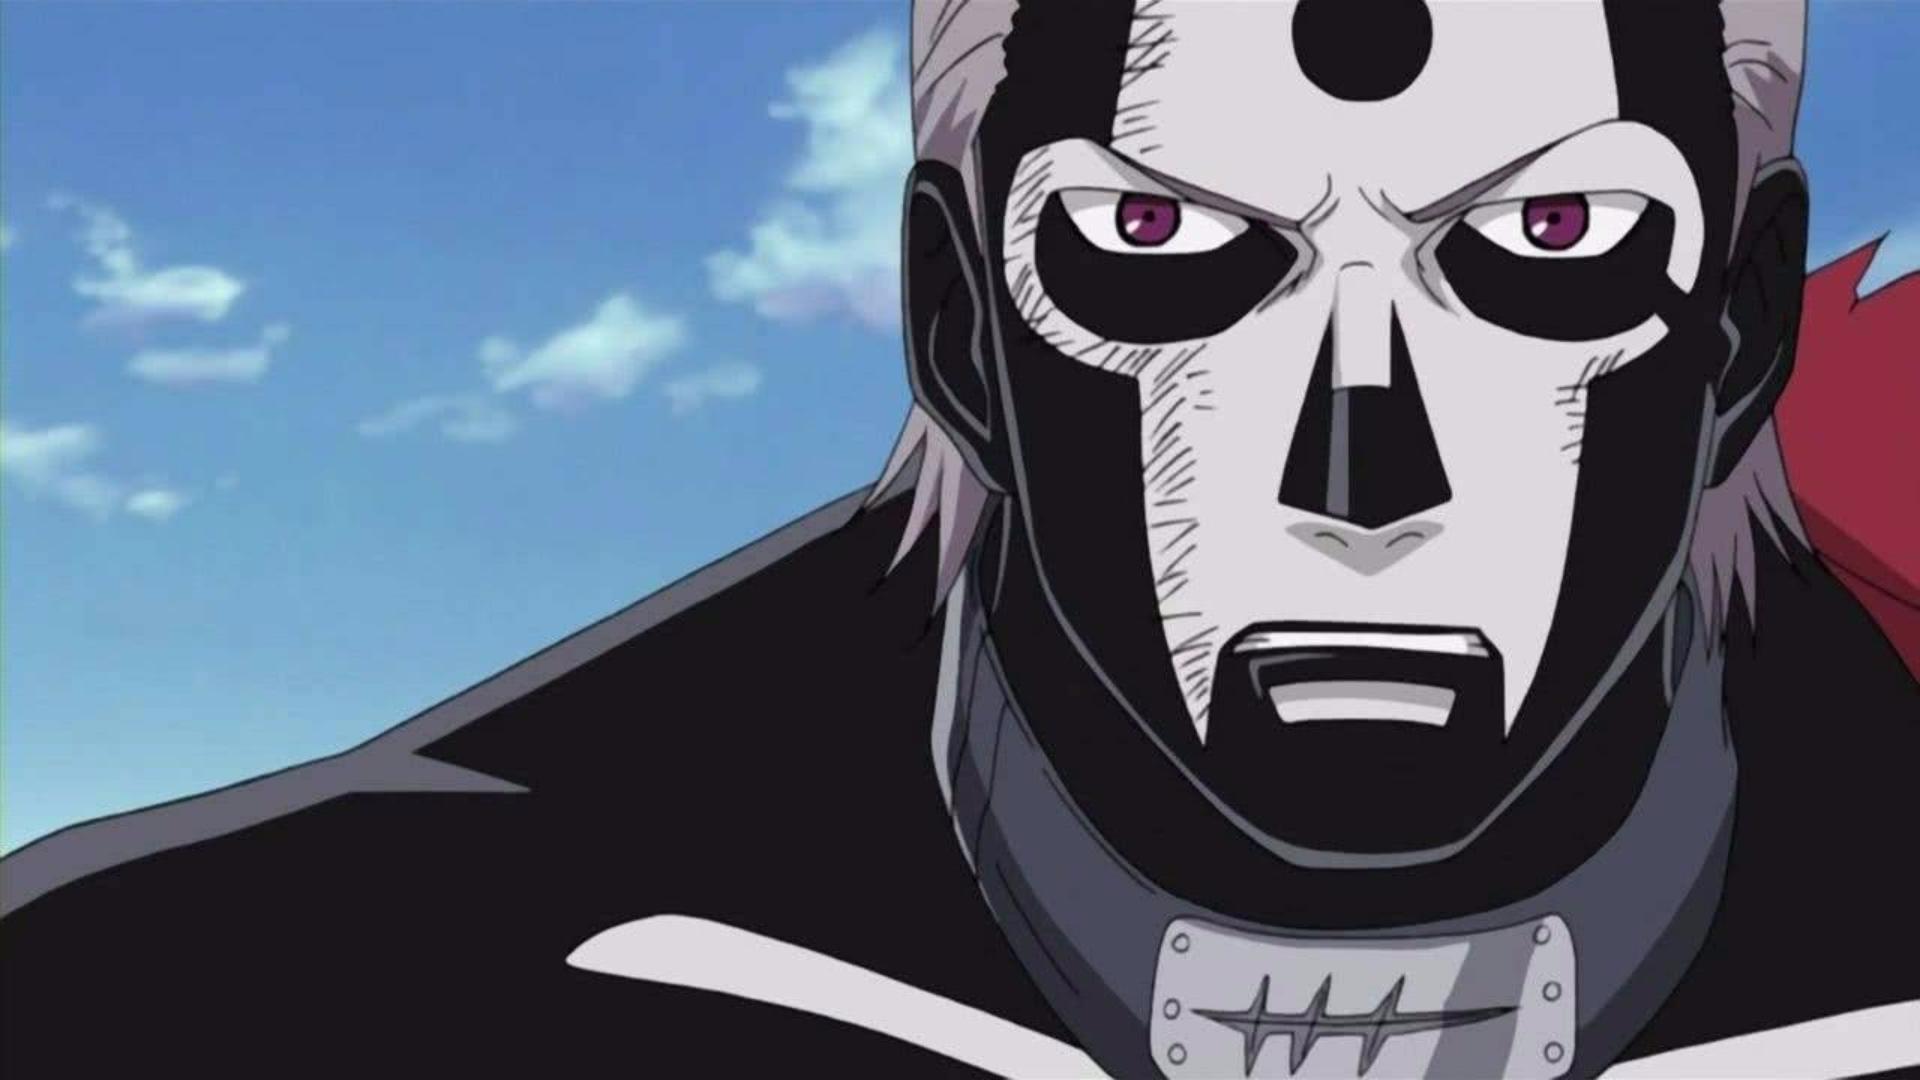 火影:最彻底的反派,他才是忍界最邪恶的,完全是为杀而杀